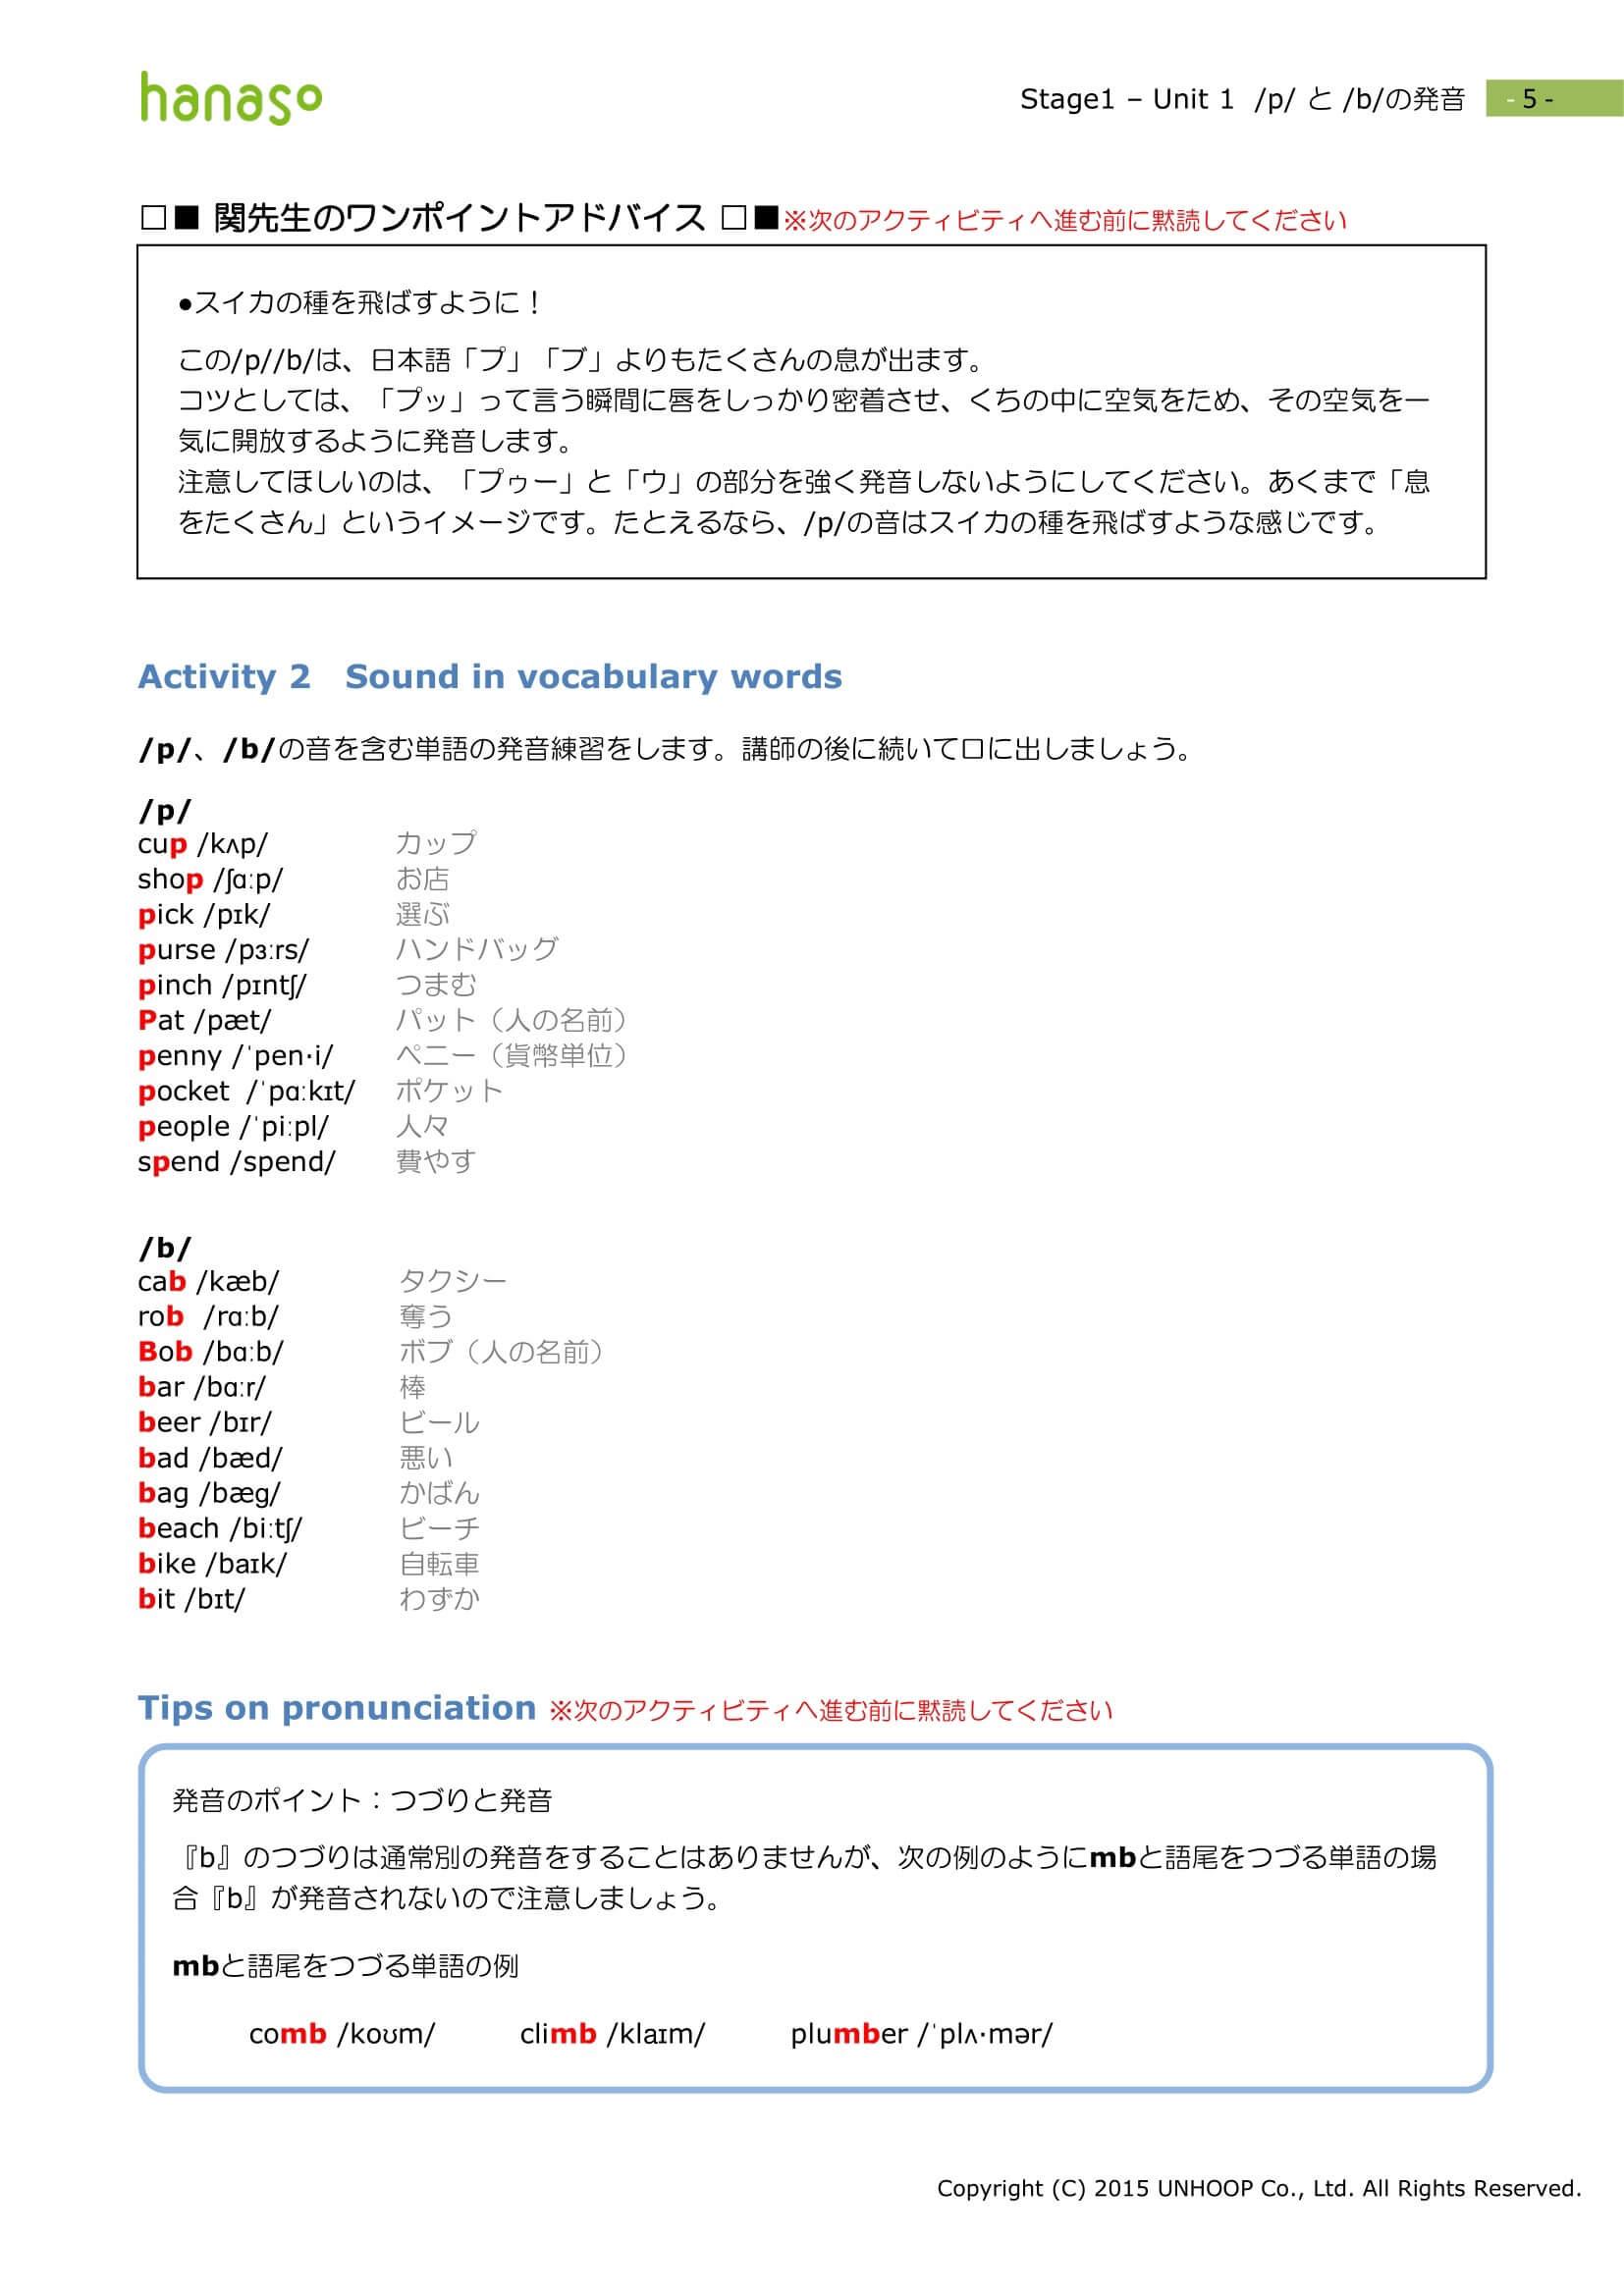 hanaso英会話の発音コースの画像4